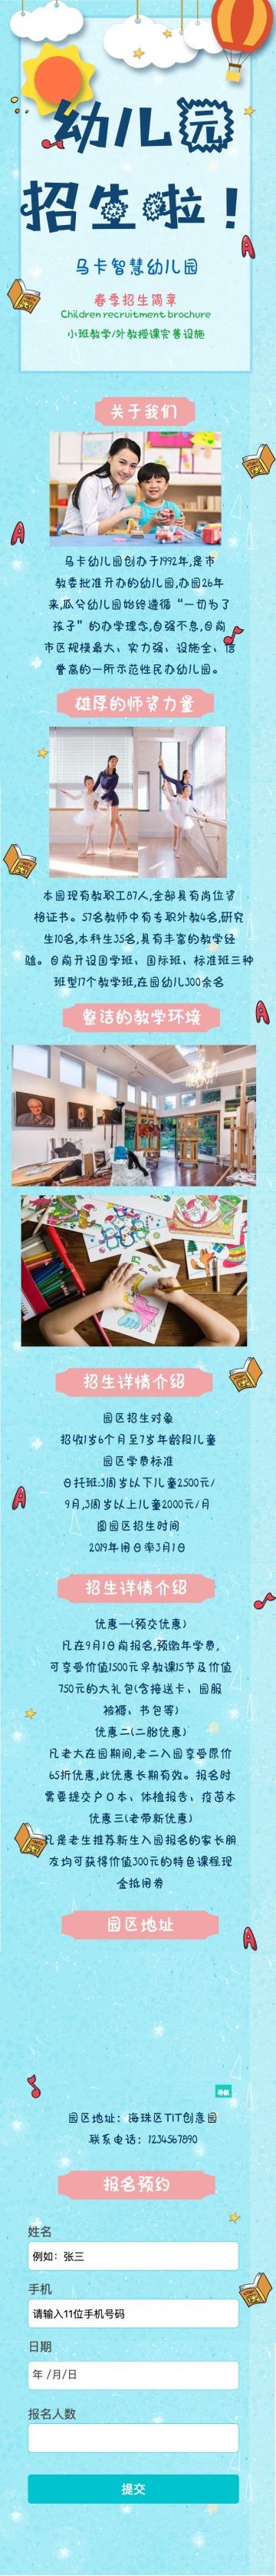 卡通手绘教育幼儿培训幼儿园招生介绍单页